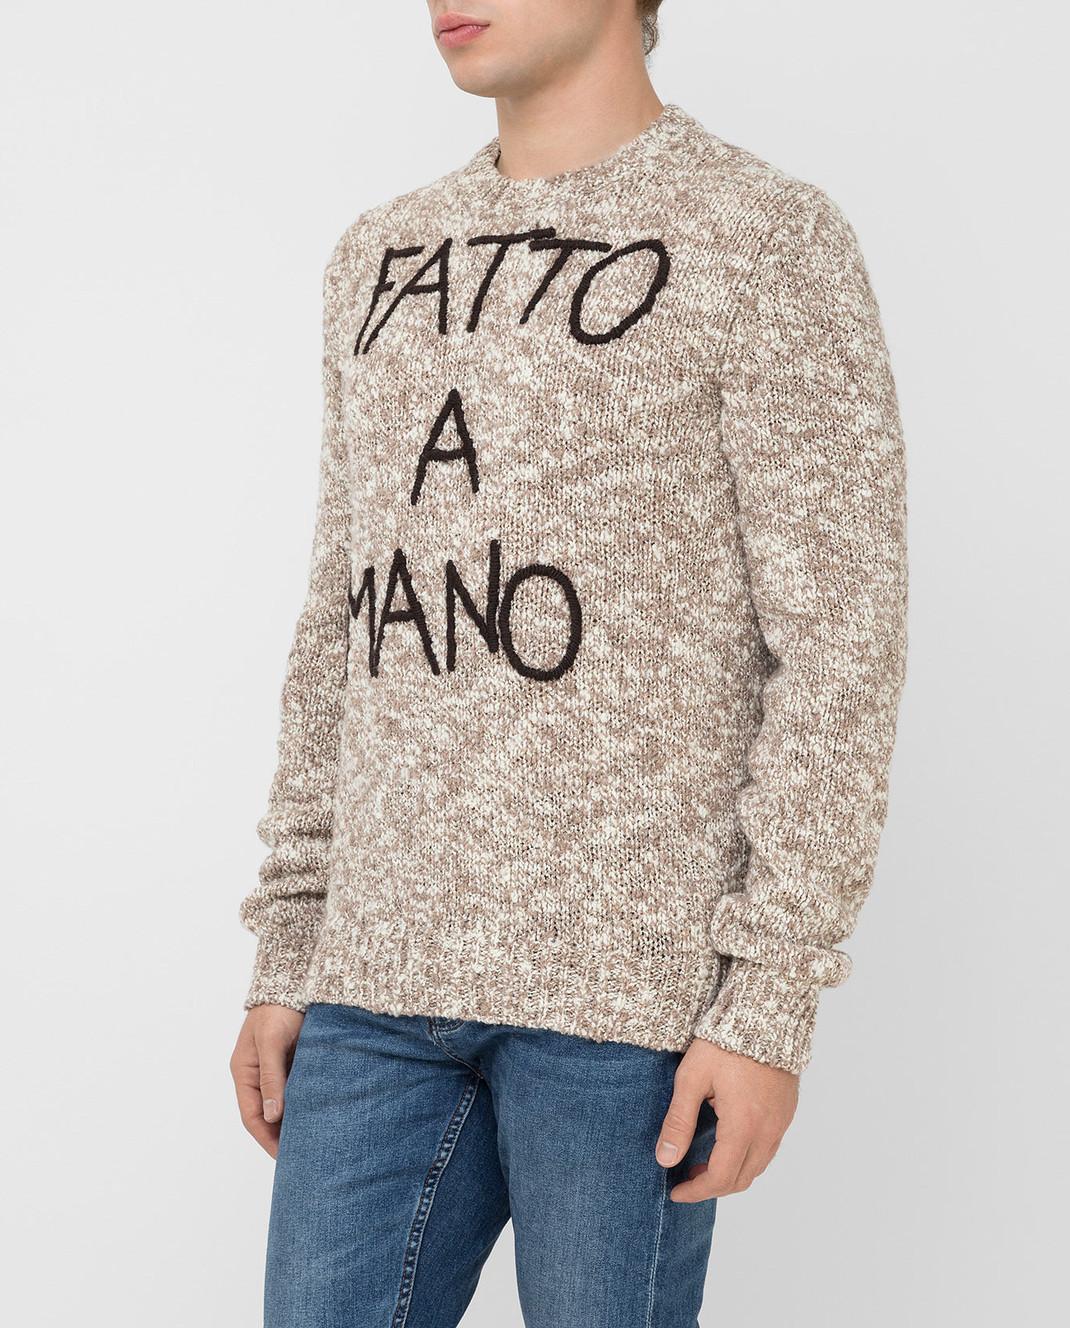 Dolce&Gabbana Бежевый свитер из шерсти изображение 3